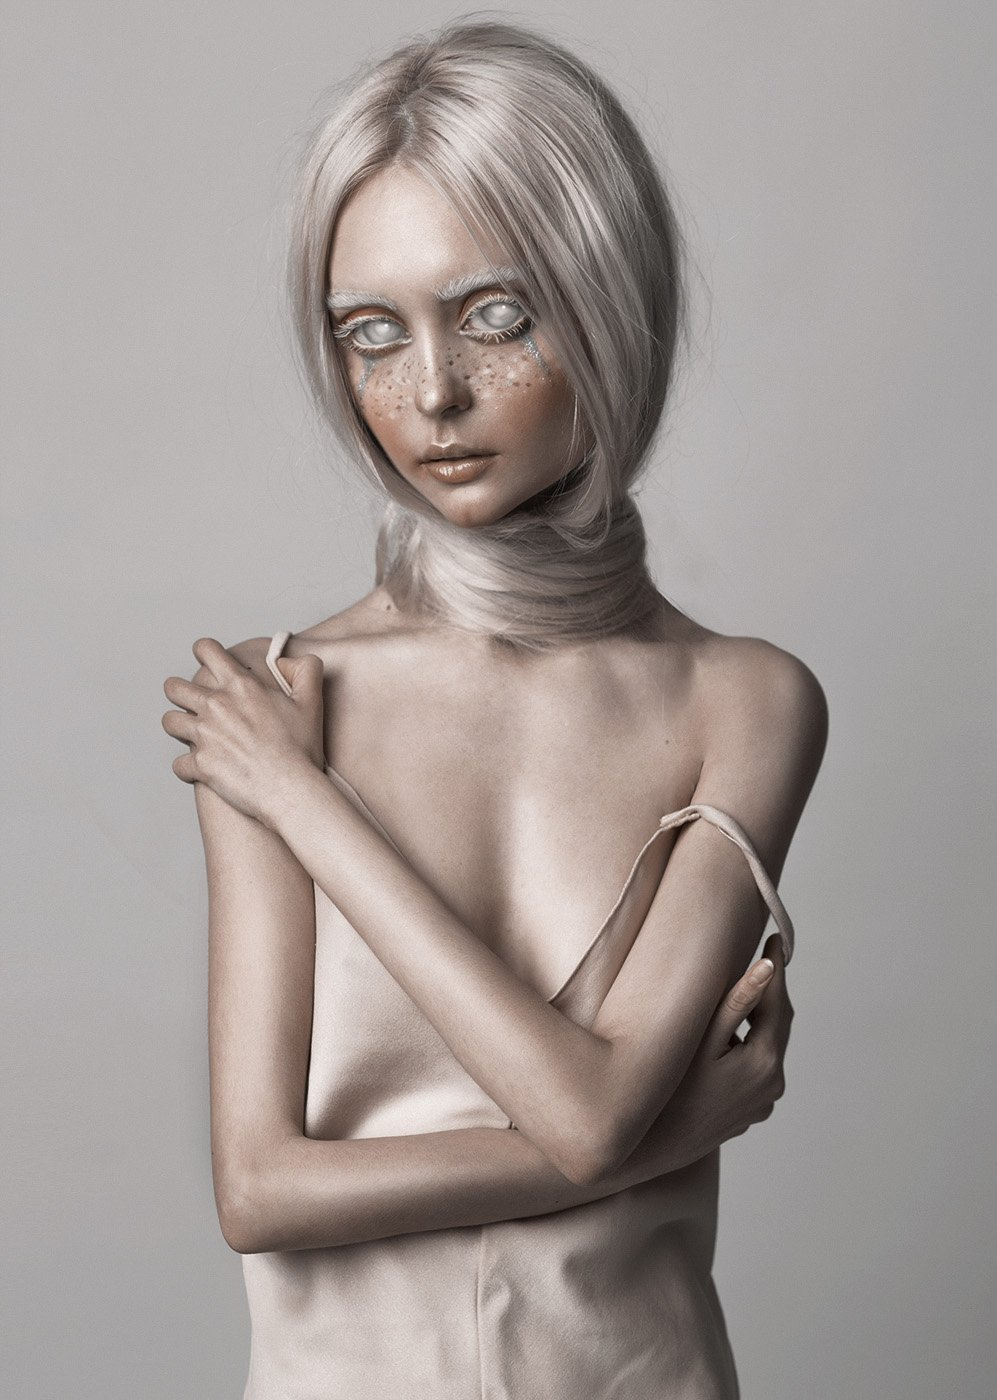 alien, photoshop, white eyes, , Dasha Chegarovskaya